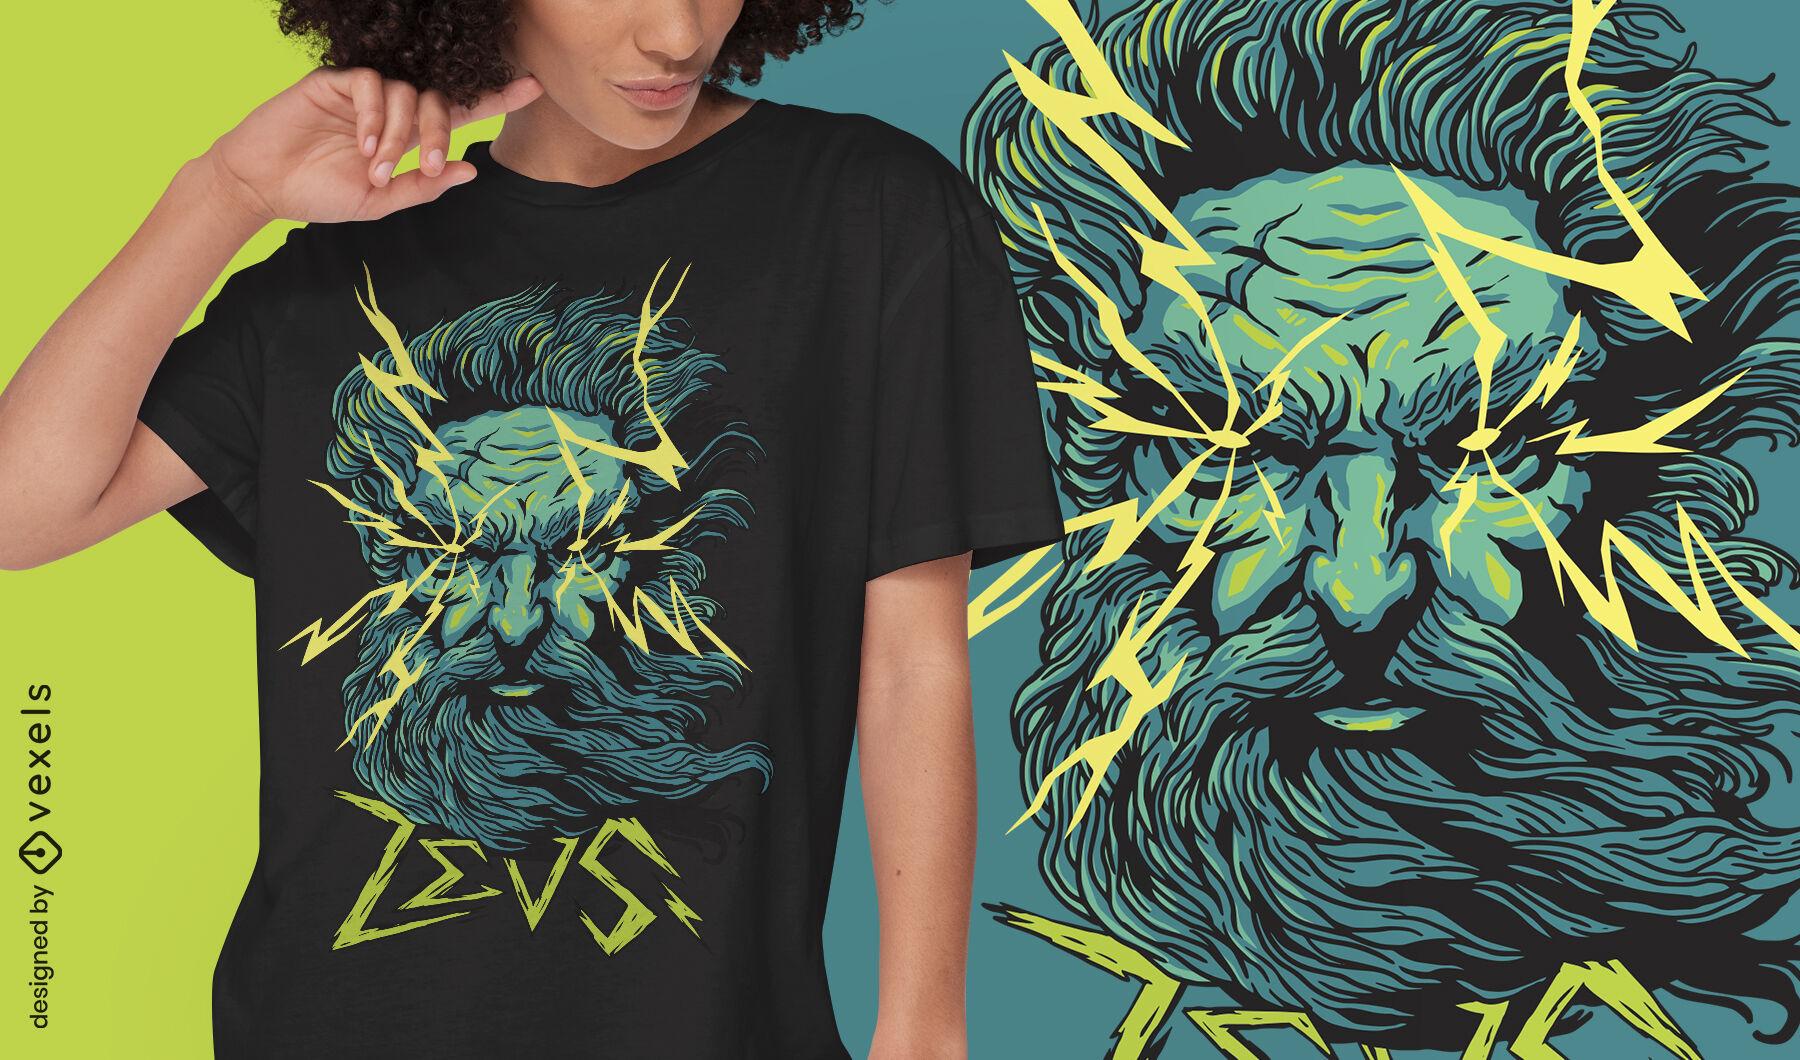 Diseño de camiseta de zeus dios mítico grecia